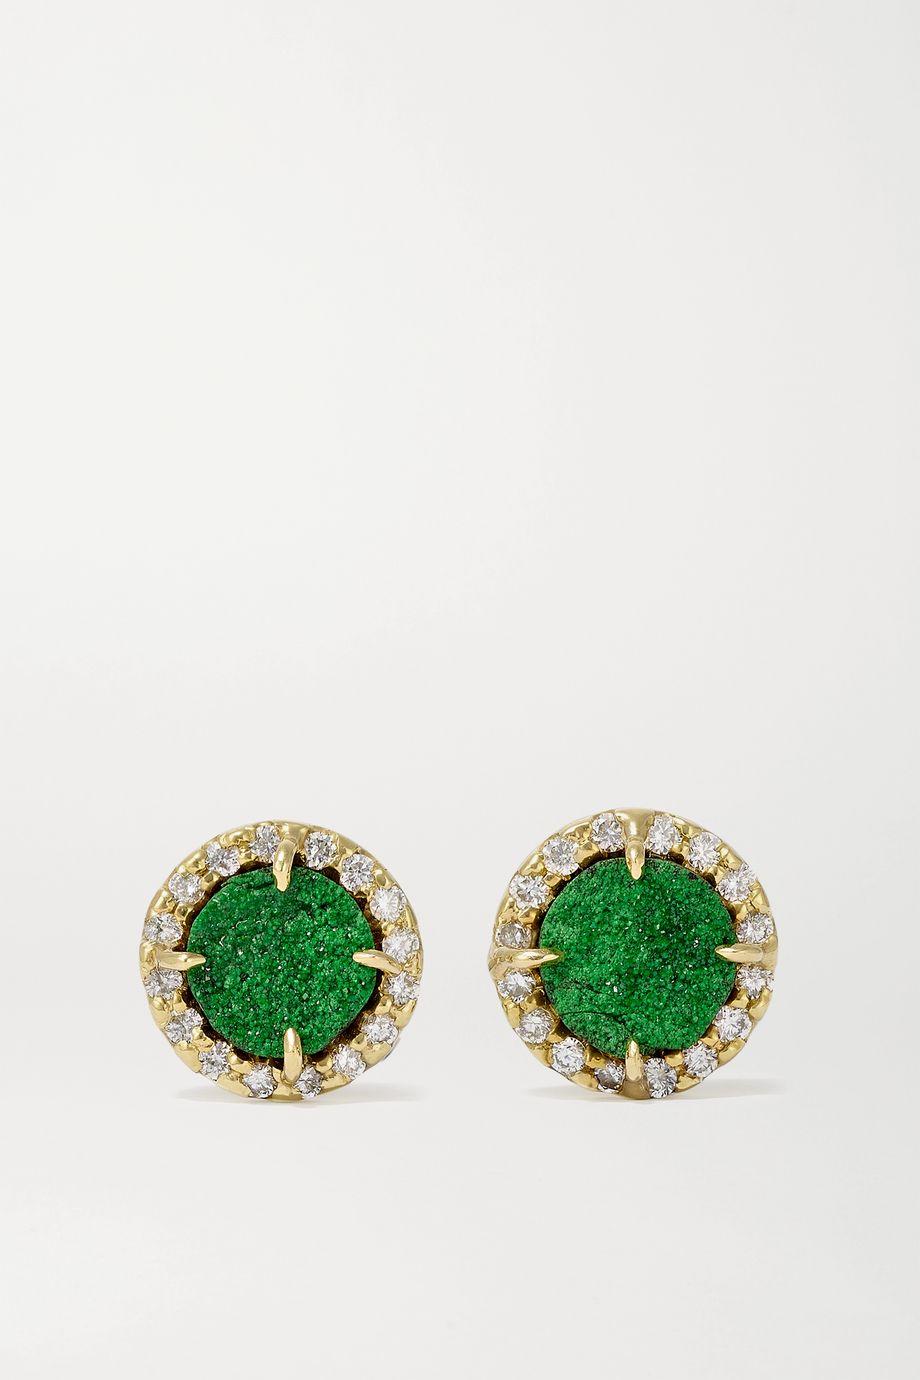 Kimberly McDonald Ohrringe aus 18 Karat Grüngold mit Uwarowiten und Diamanten